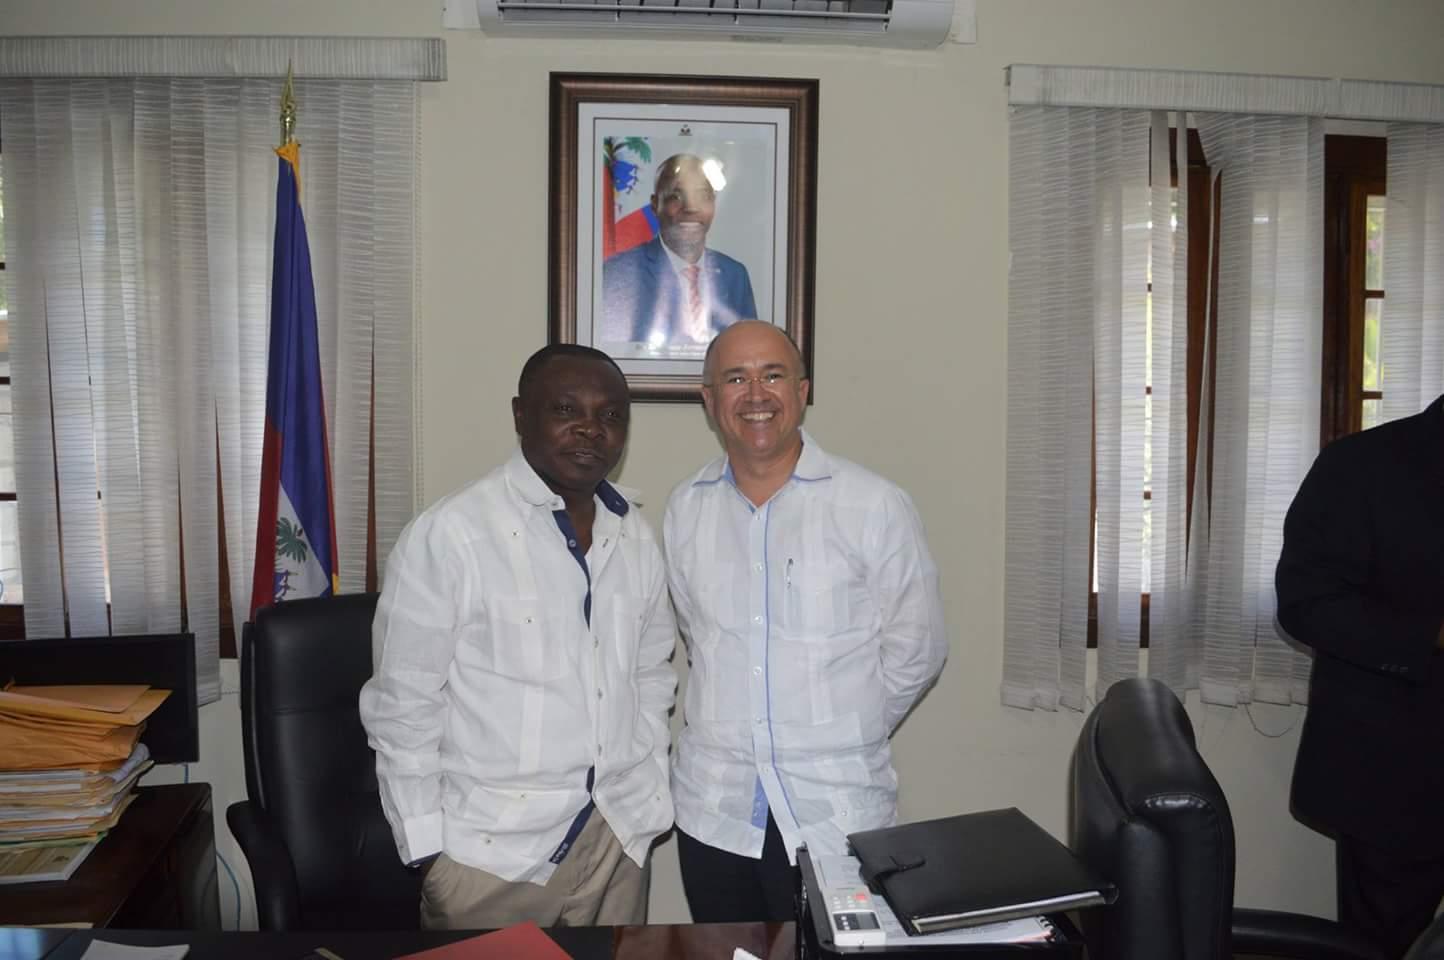 Les ministres de l'environnement  dominicain et haïtien, Dominguez Brito et Pierre Simon Georges. Crédit photo: Facebook/Ministère de l'environnement d'Haiti.